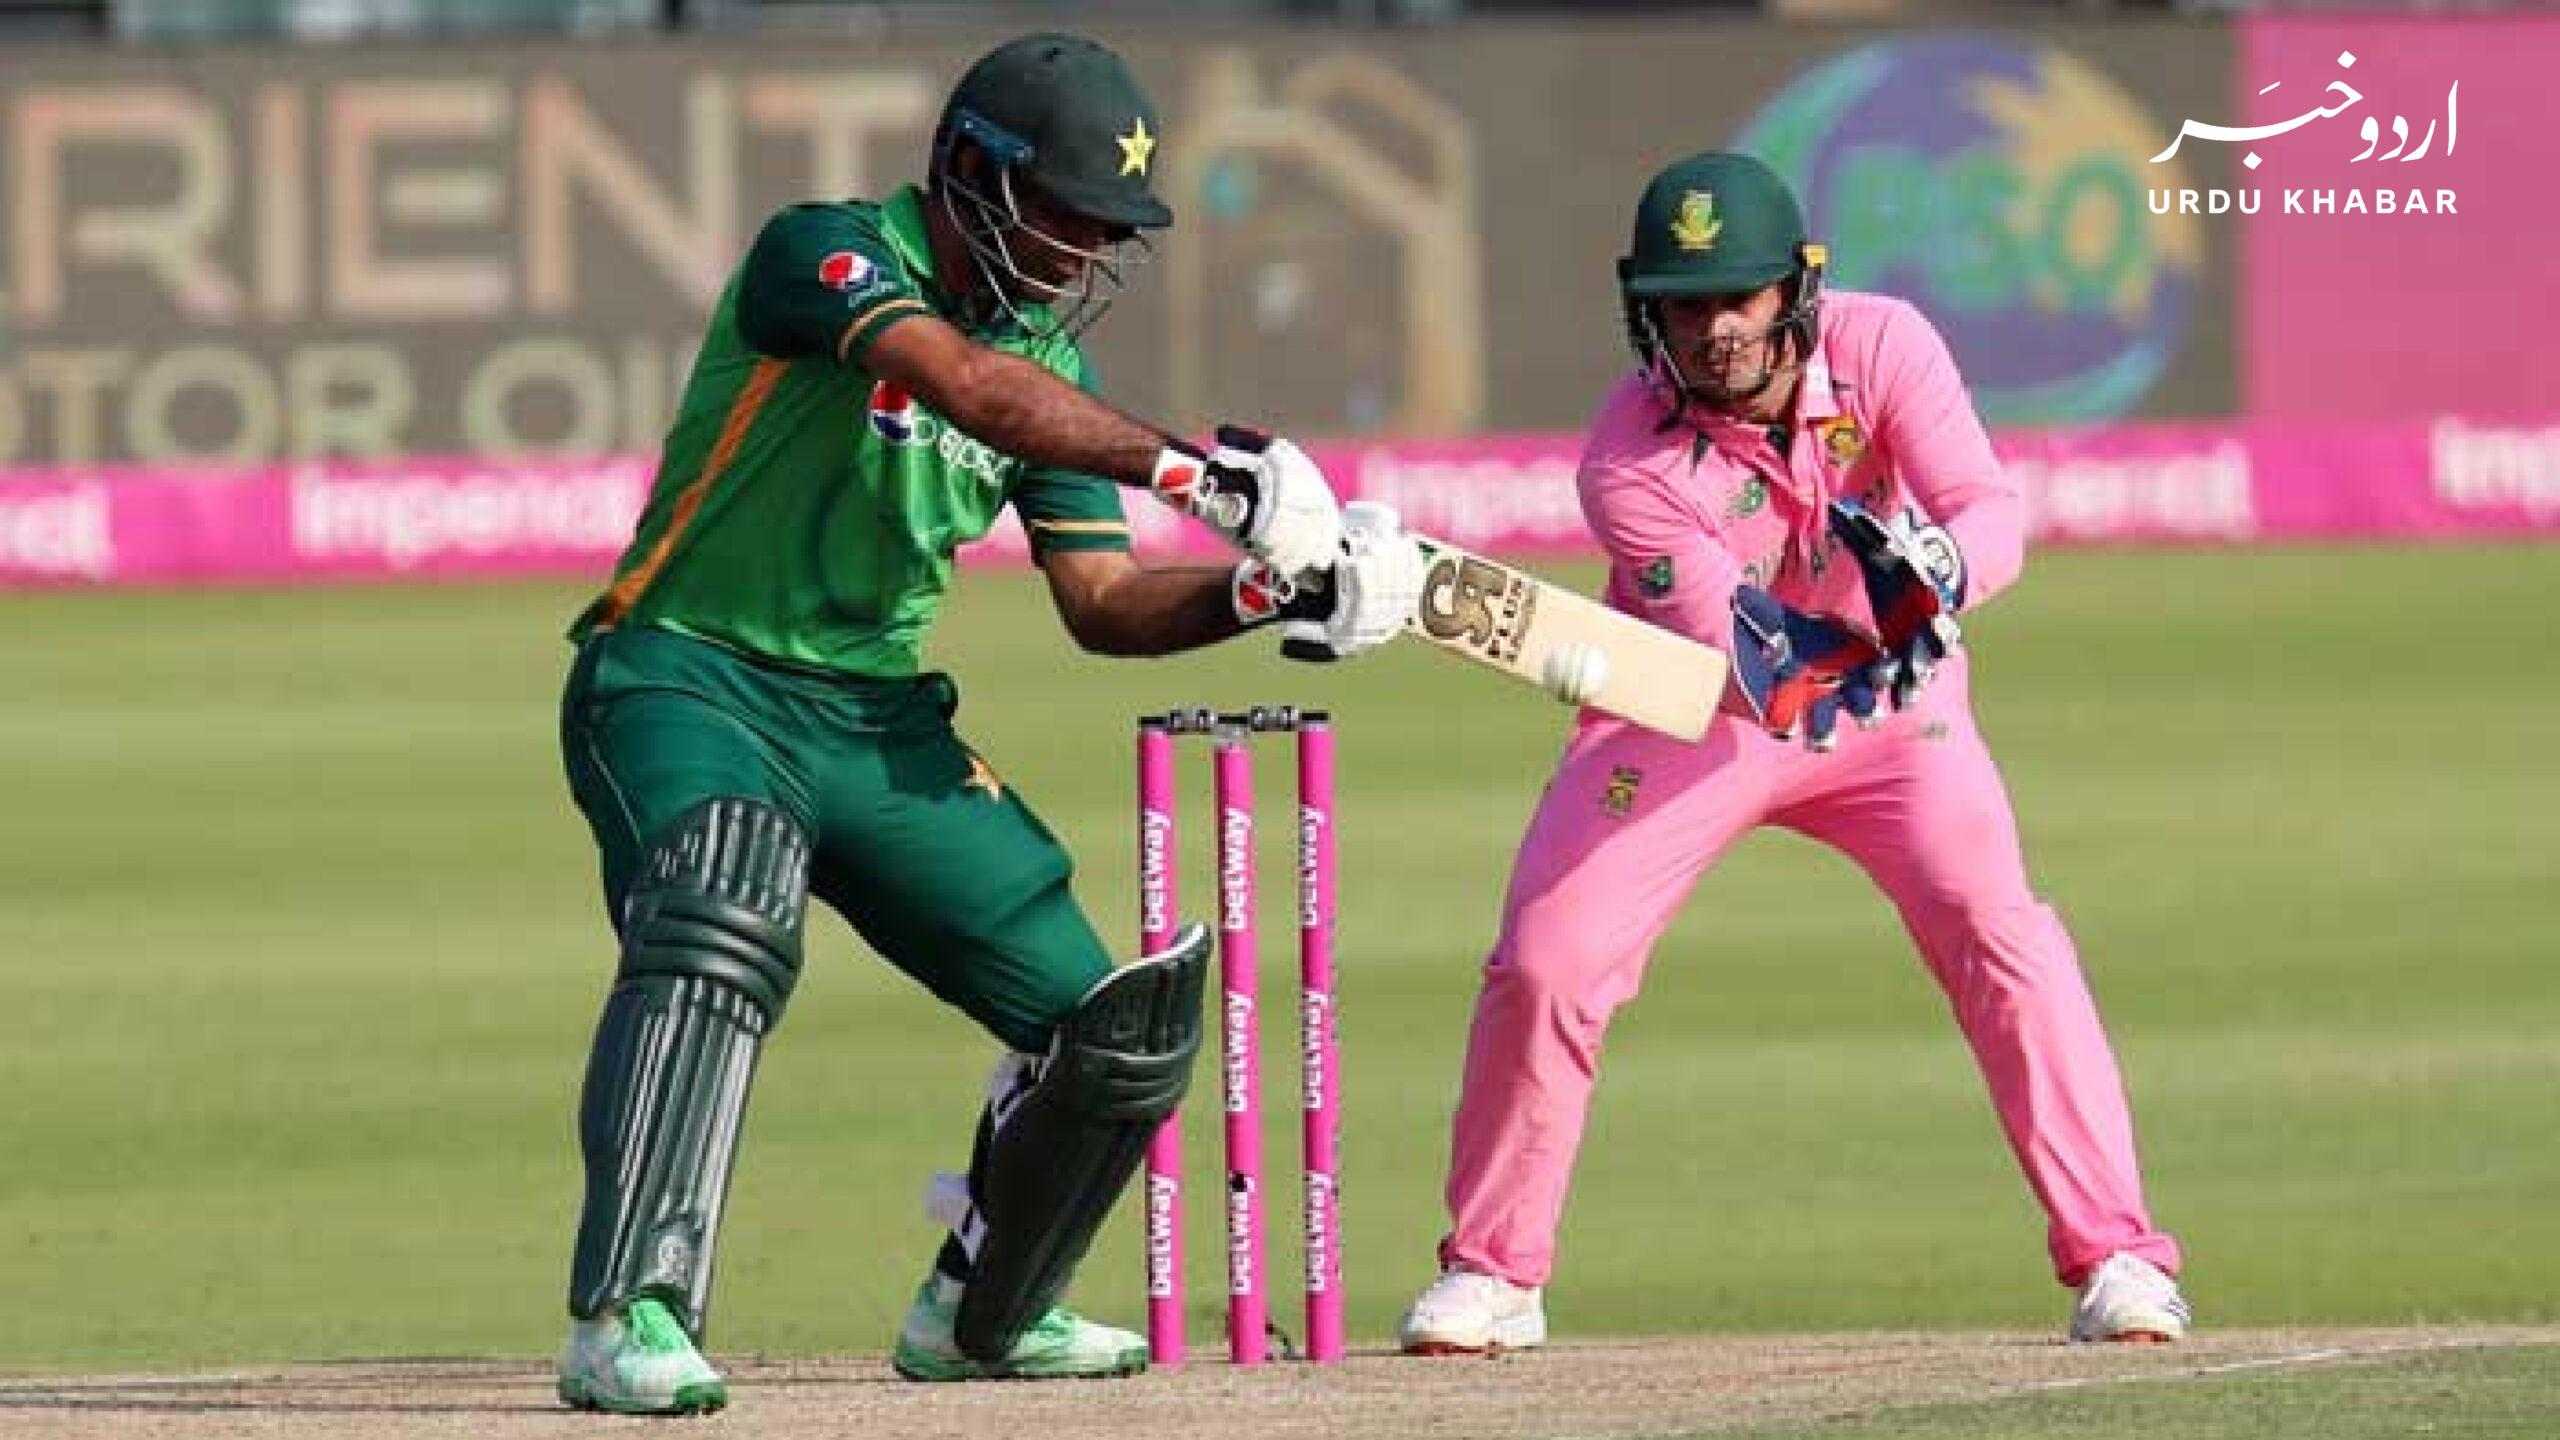 پاکستان بمقابلہ جنوبی افریقہ، جنوبی افریقہ نے ٹاس جیت کر پاکستان کو بیٹنگ دے دی